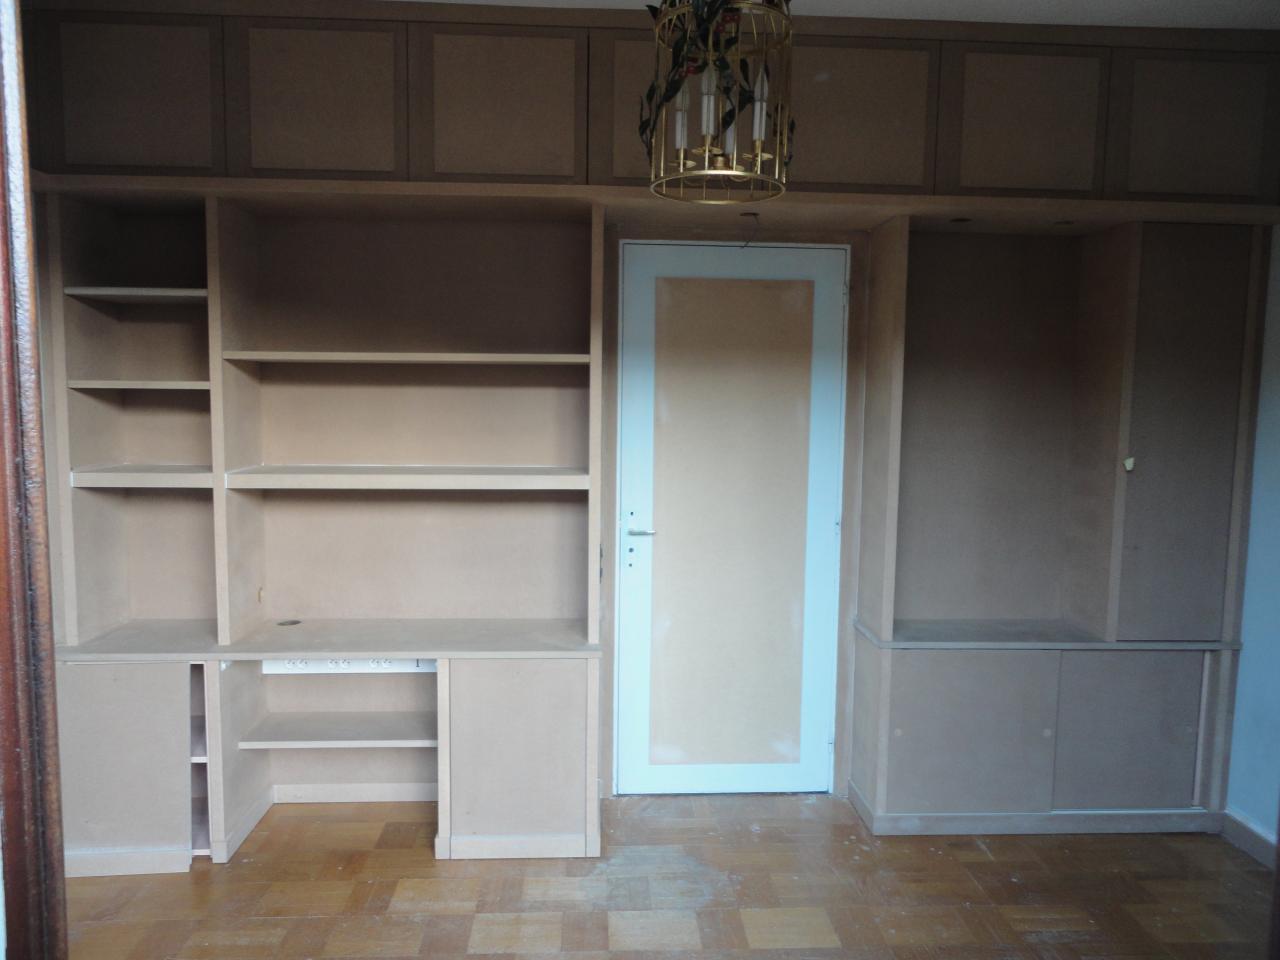 Bureau - bibliothèque sur mesure fabriquée dans notre atelier.